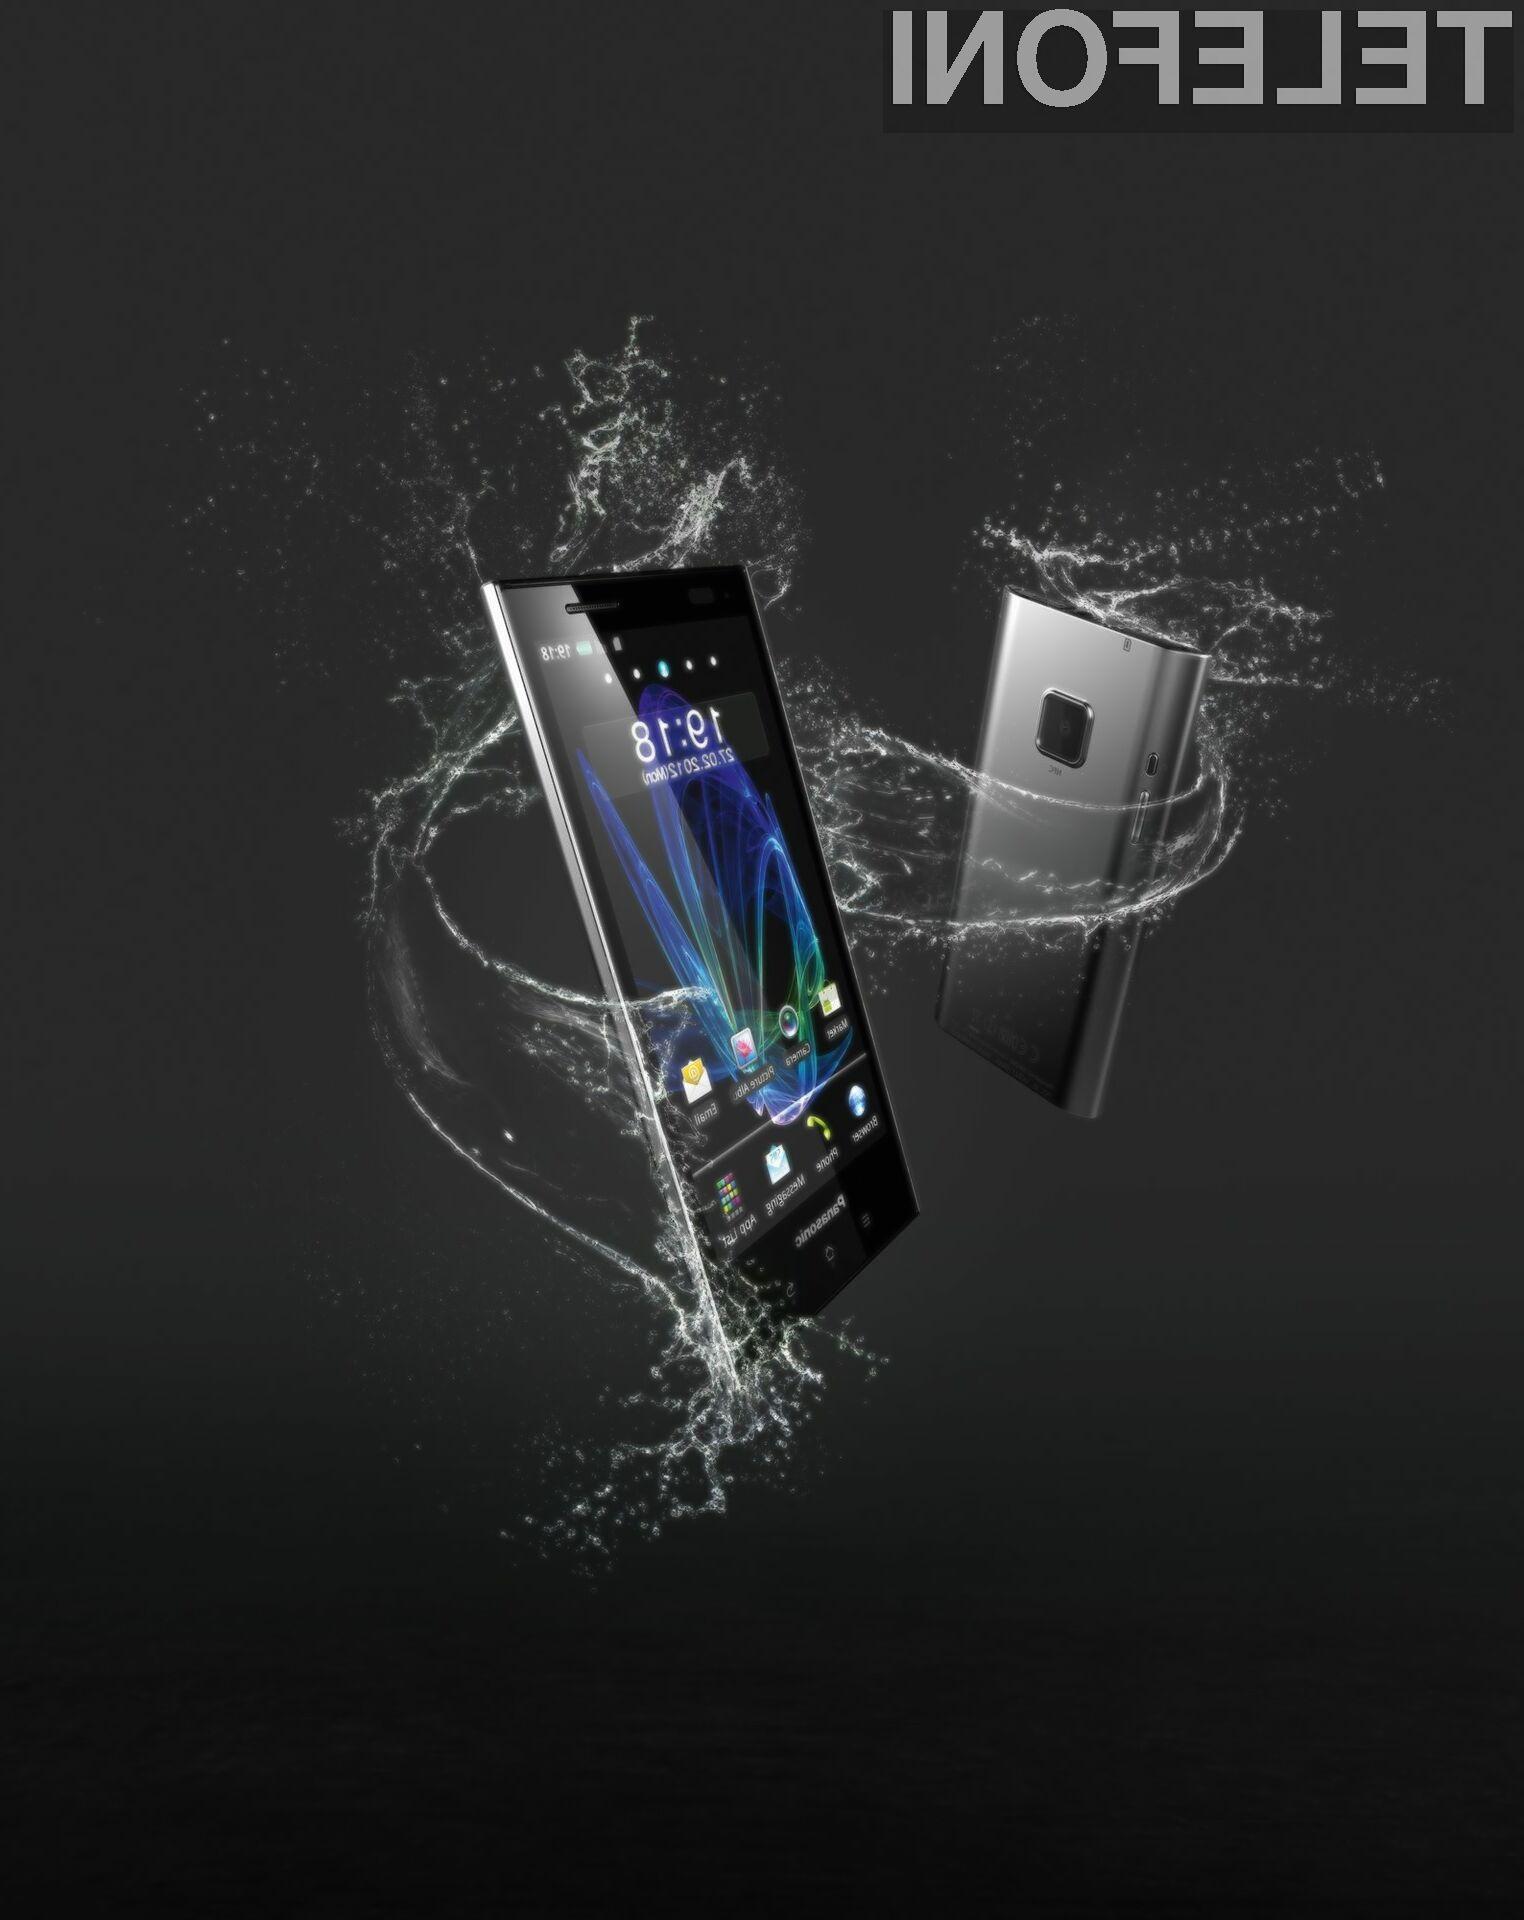 Pameten telefon Eluga se ponaša s posebej prilagojenim uporabniškim vmesnikom in nekaterimi zanimivimi vnaprej nameščenimi aplikacijami.